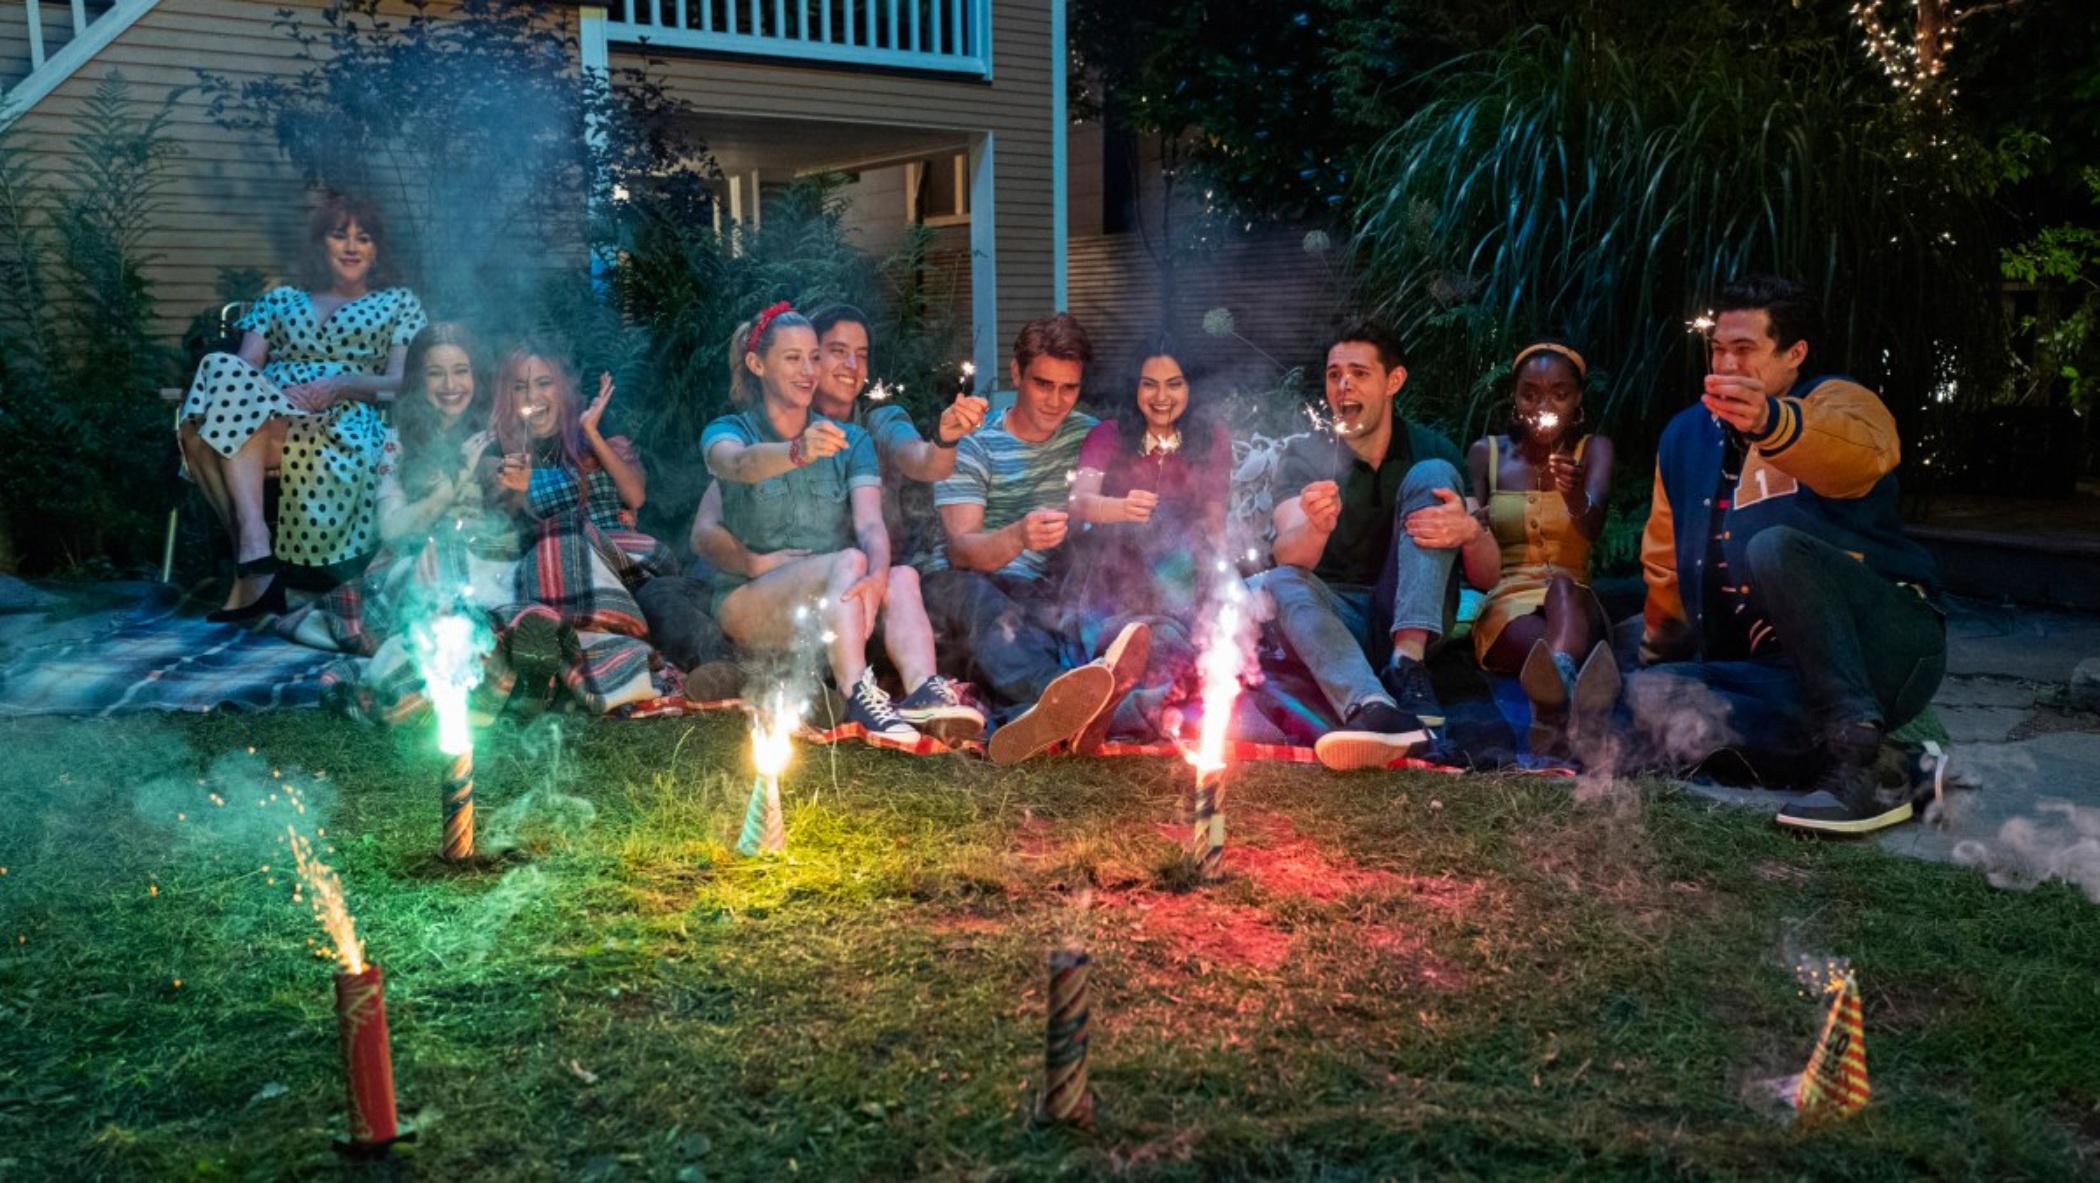 Cena da cena Riverdale. Na cena, vemos uma porção de pessoas sentadas num gramado, sorrindo, enquanto fogos de artifício queimam à frente deles.